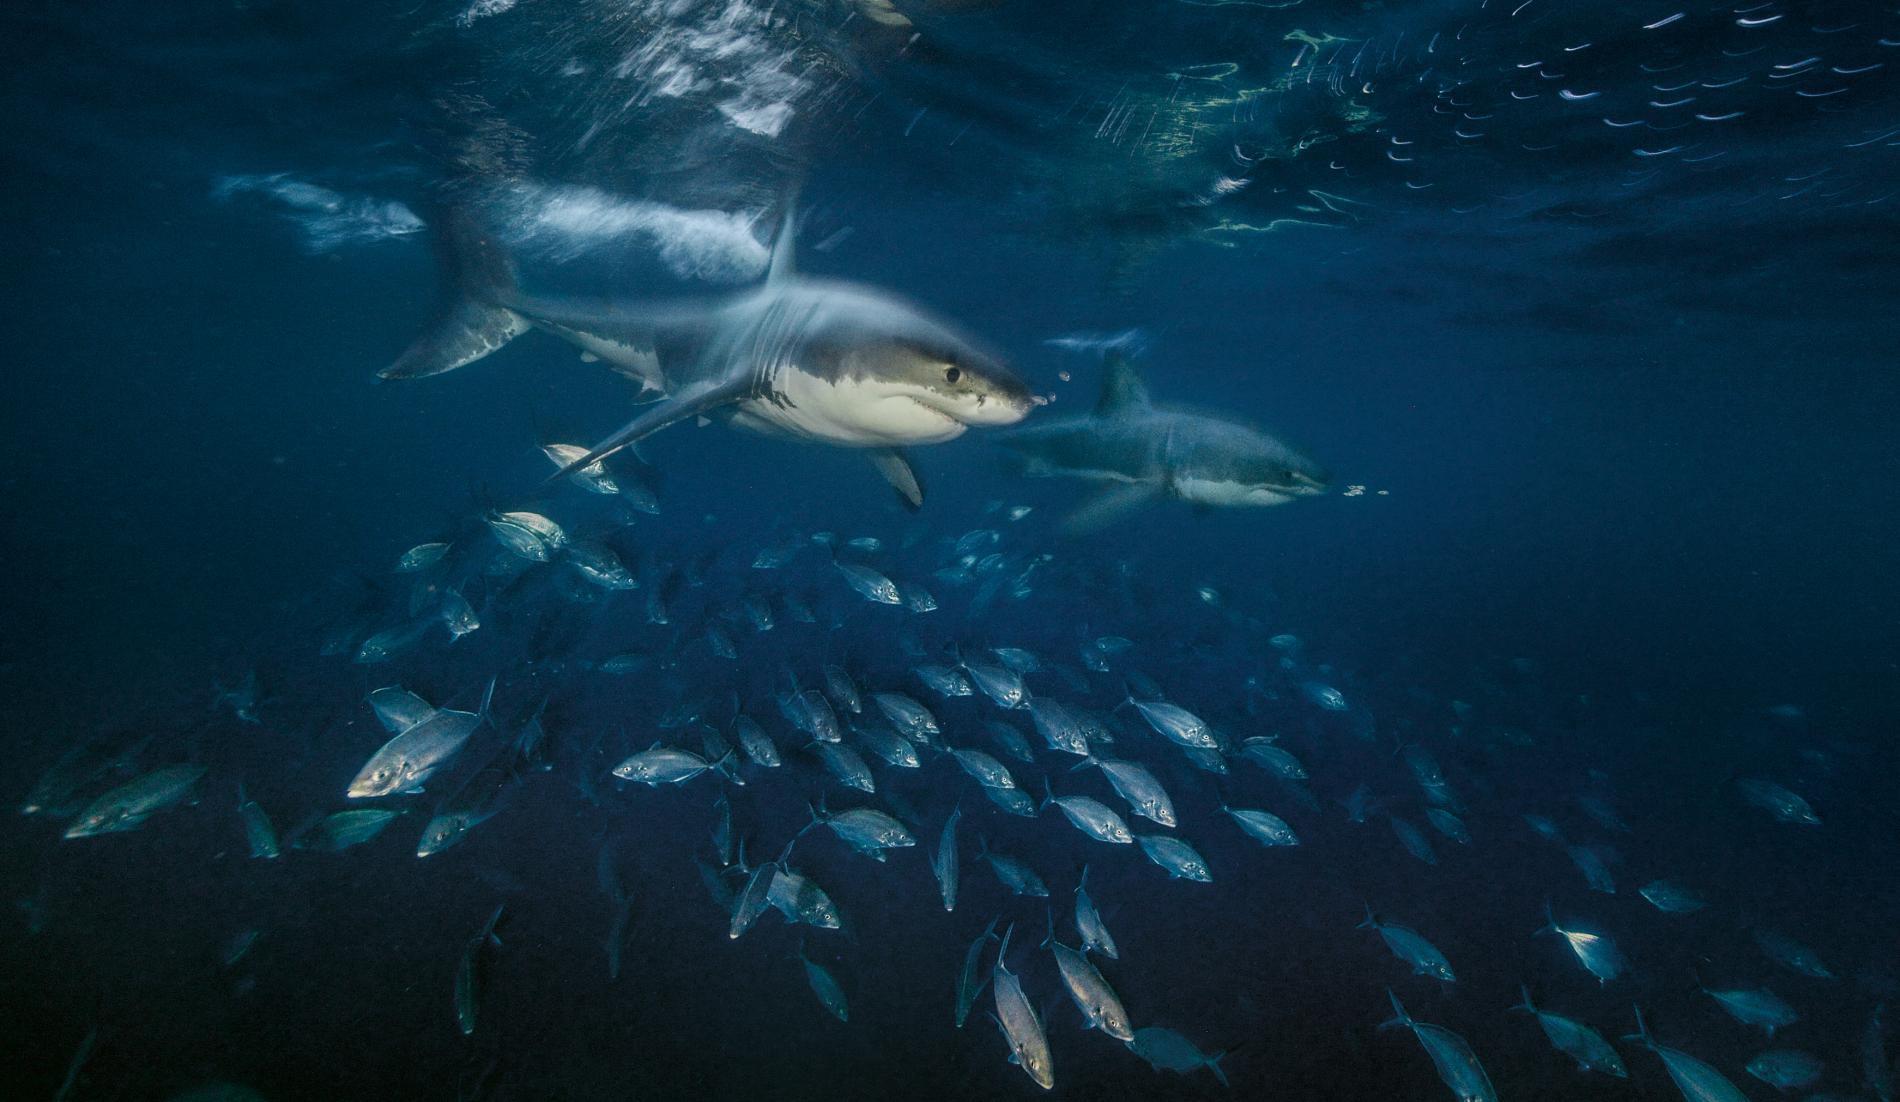 Con cá rất đẹp đột ngột mất tích và cuộc săn tìm đàn cá mập trắng lớn nhất thế giới - Ảnh 4.